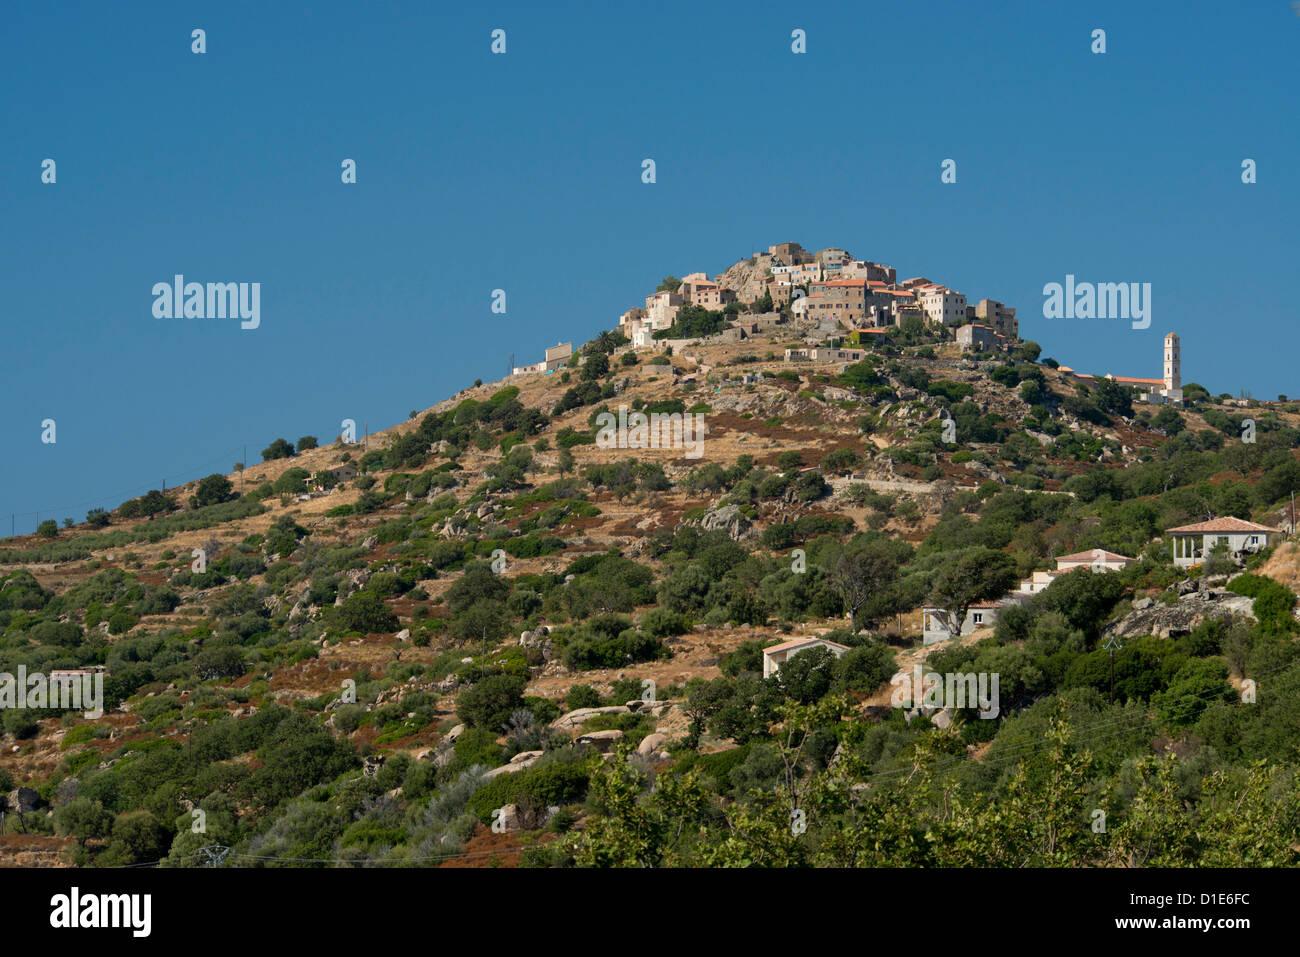 Le village perché de Saint Antonino dans la Haute-Balagne région Corse, France, Europe Photo Stock